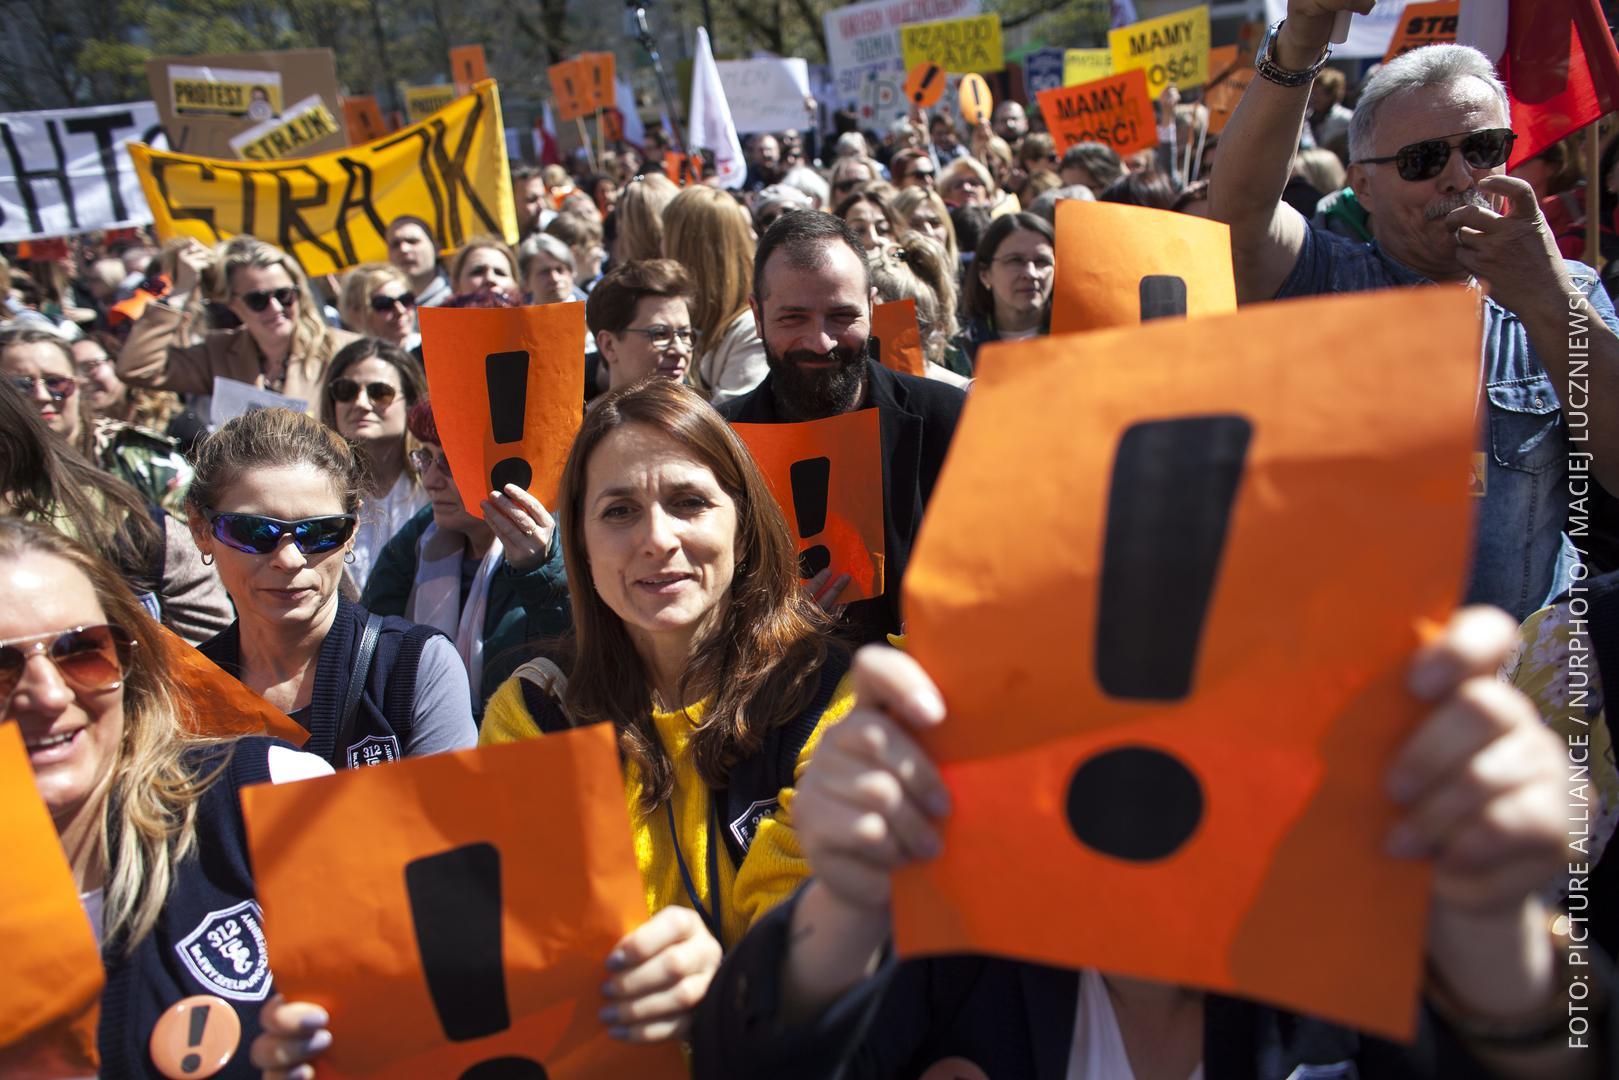 Lehrer halten Ausrufezeichen und Transparente hoch. Beim Streik am 14.04.2019 in Polen.